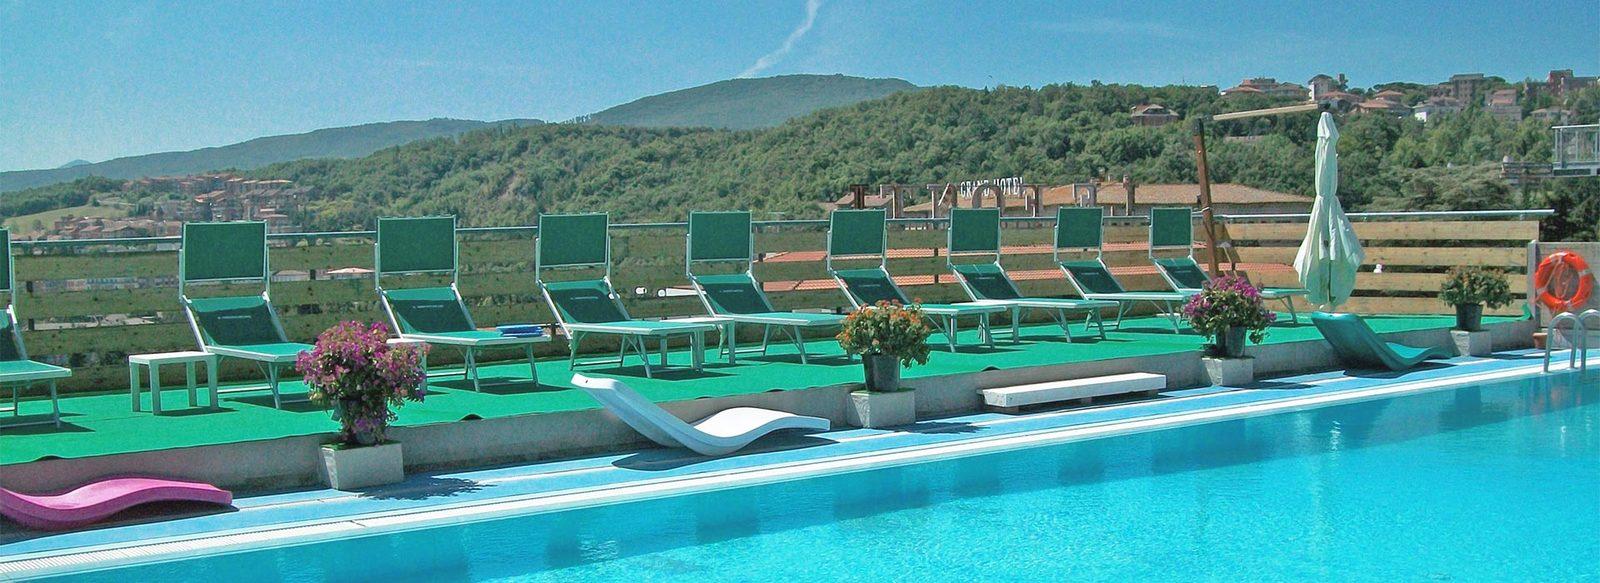 Una delle località termali più famose d'Italia